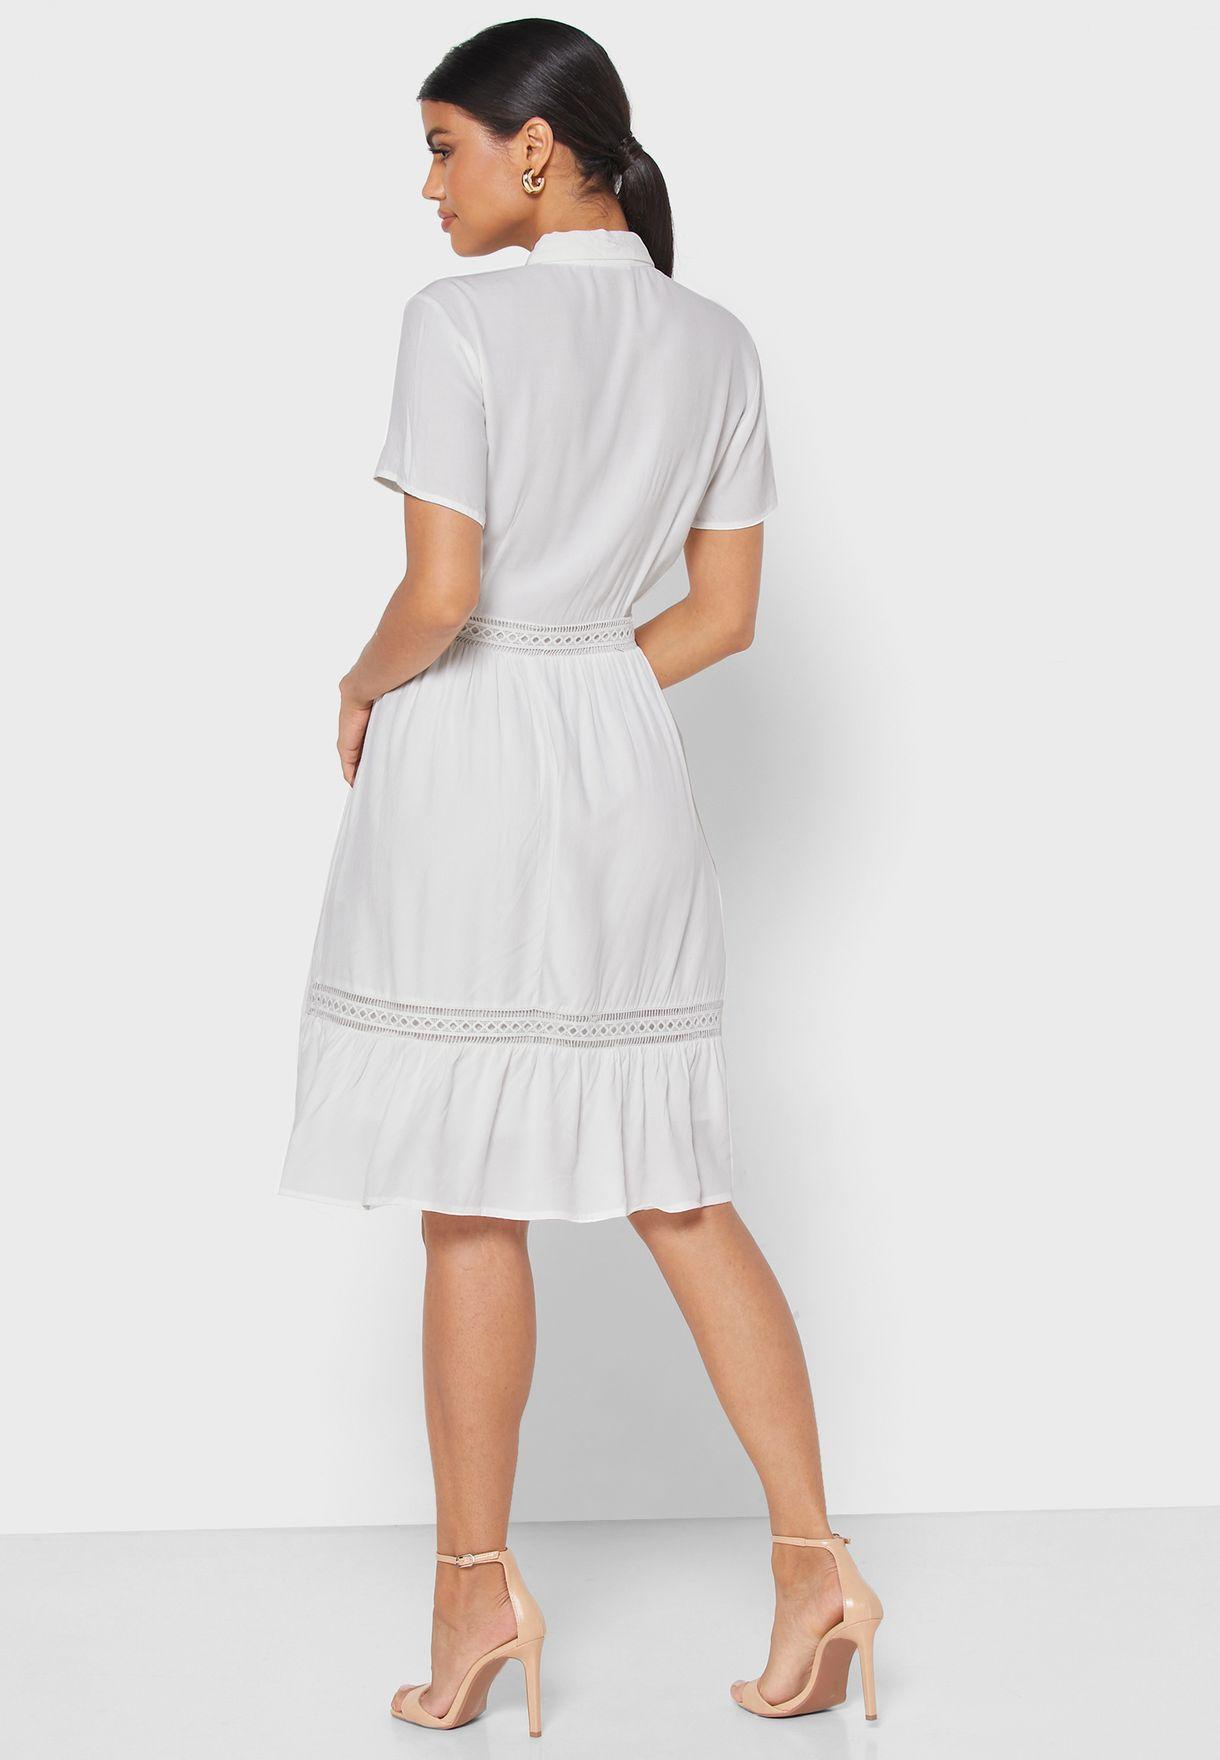 فستان مزين بتداخلات شفافة